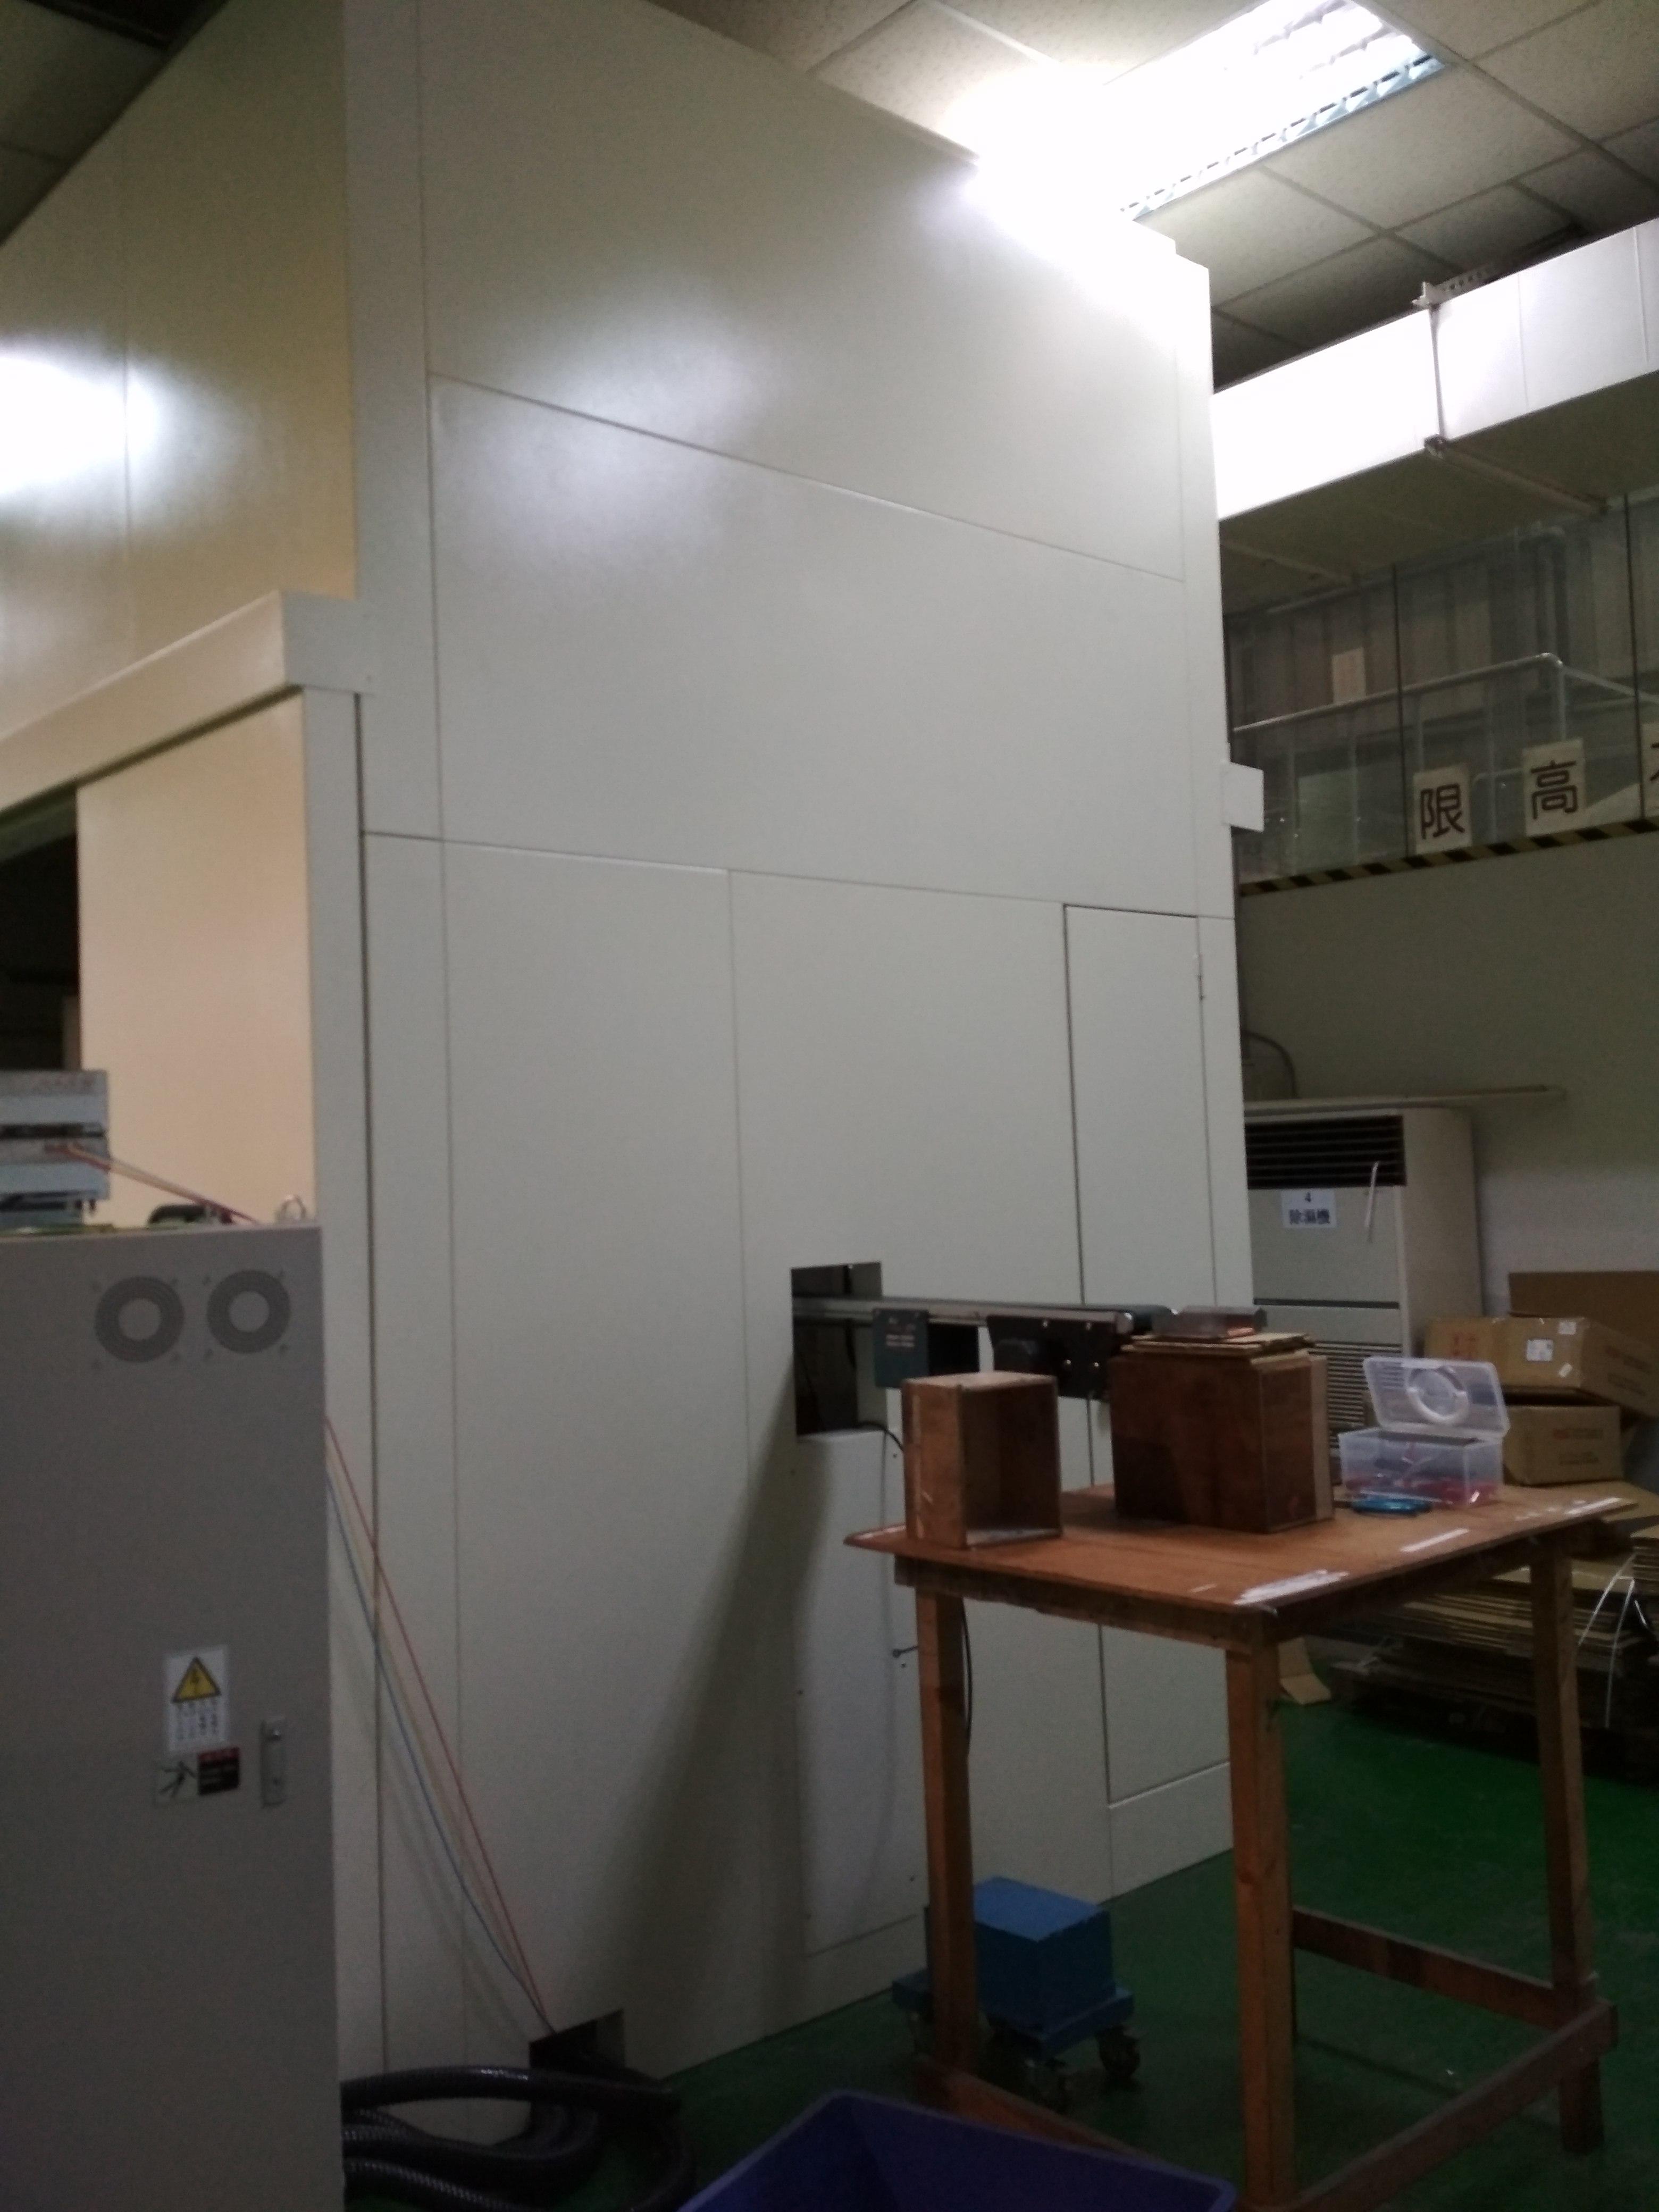 隔音箱規格 – 聲優有限公司-隔音箱專業製造